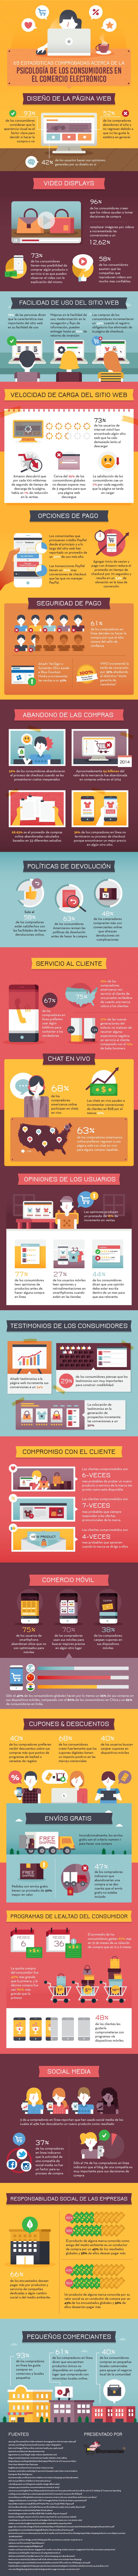 ¿Cómo son los consumidores del comercio electrónico?